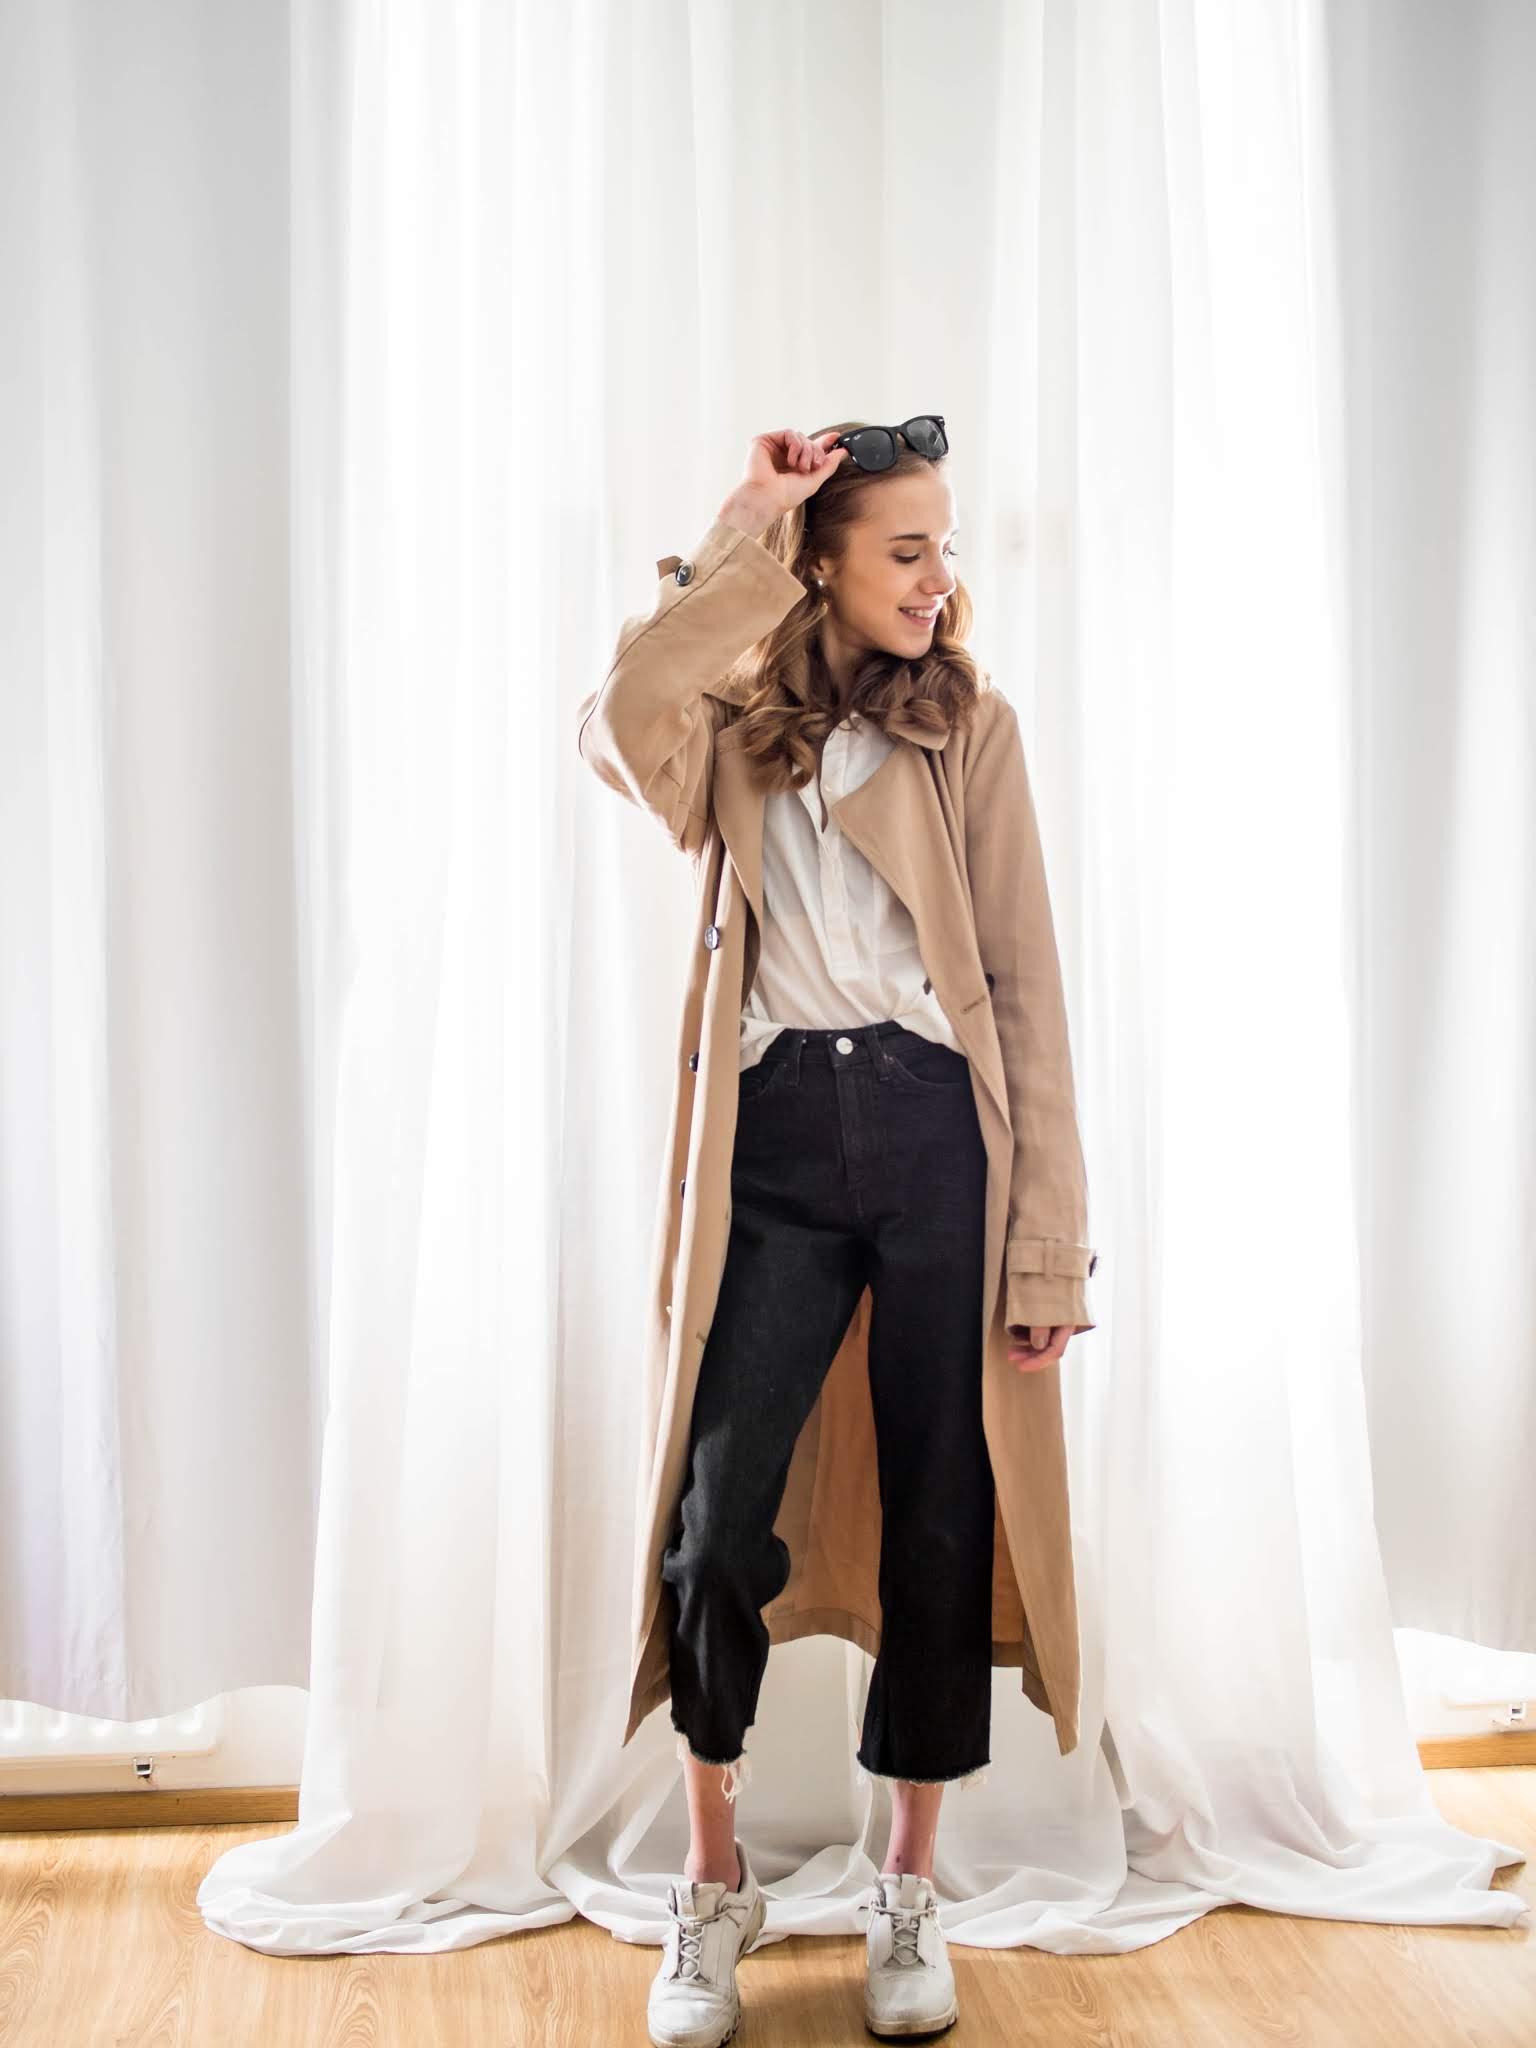 Asu liehuvan trenssitakin kanssa // Outfit with a flowy trench coat